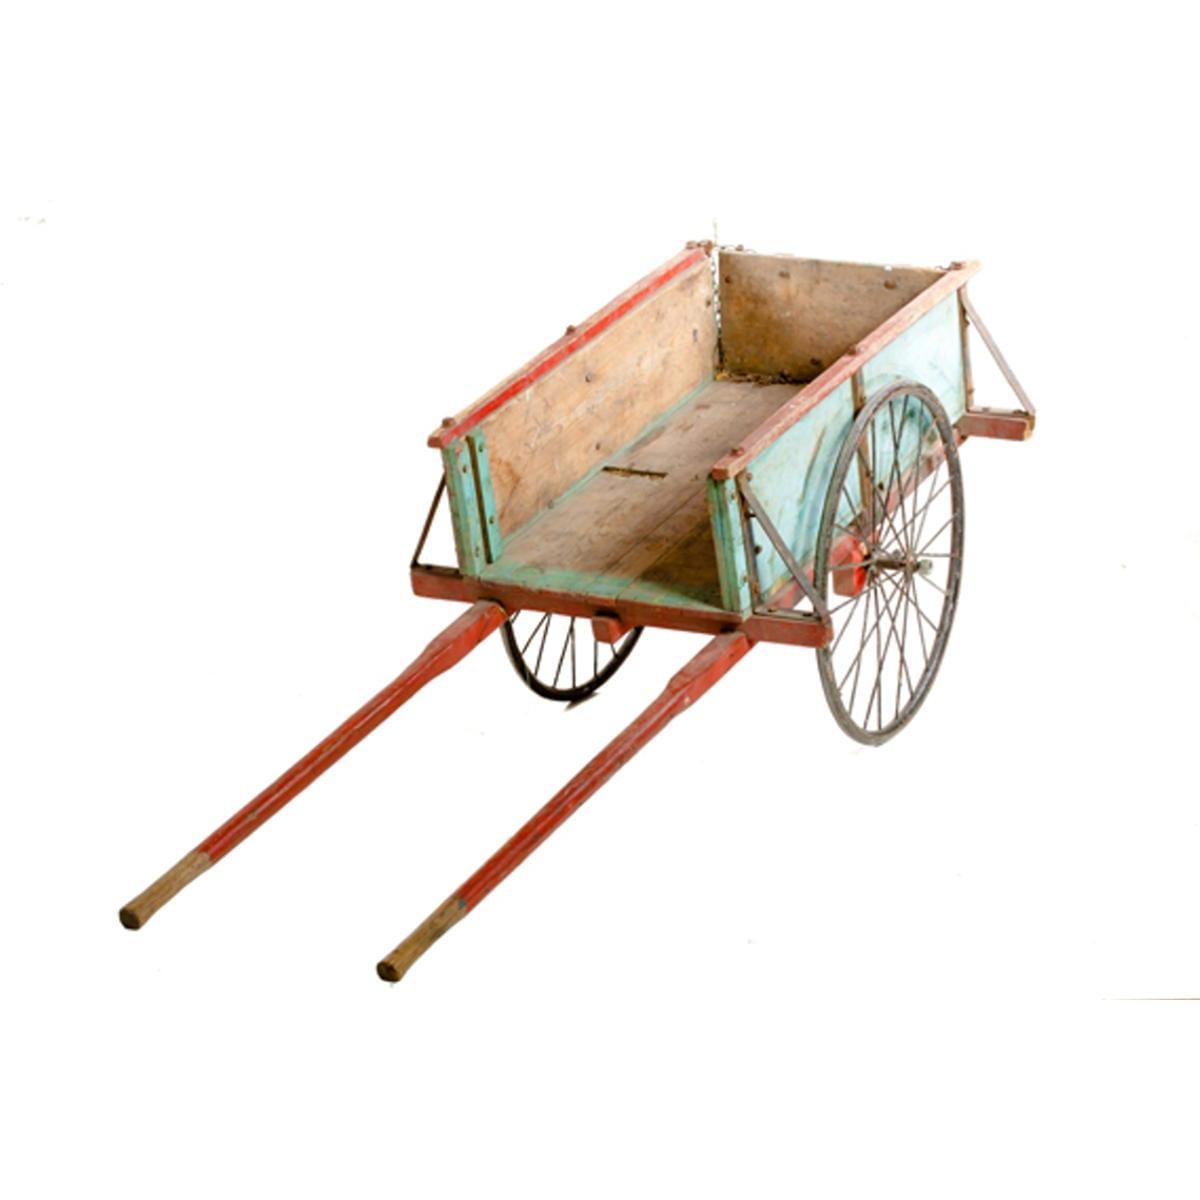 Cart 11 – Rustic Peasant Cart